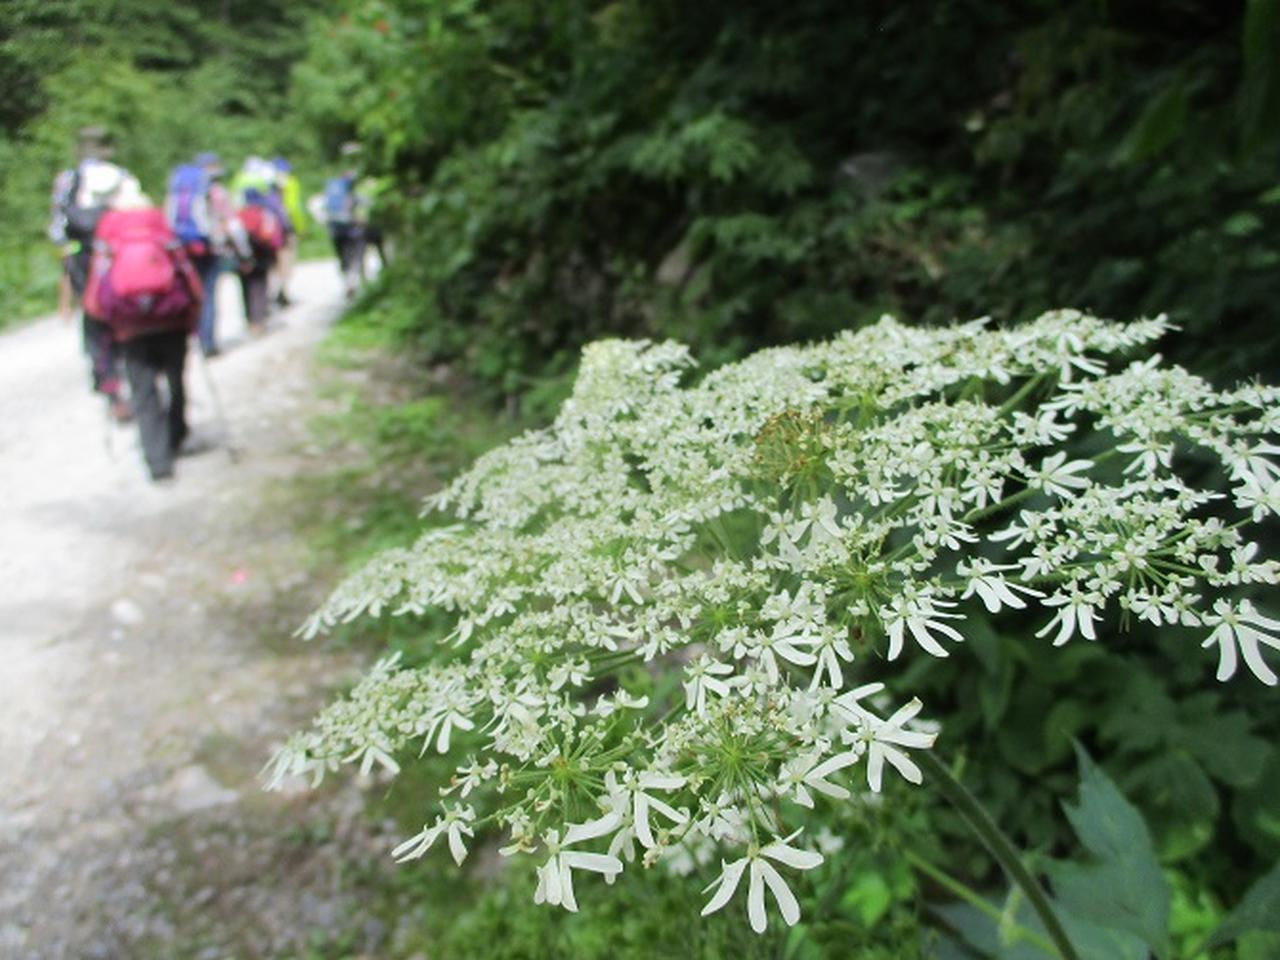 画像6: 8月1日から岡田ガイドのコースで 「ゆっくり歩く鏡平と弓折岳」 のツアーへ行ってきました!